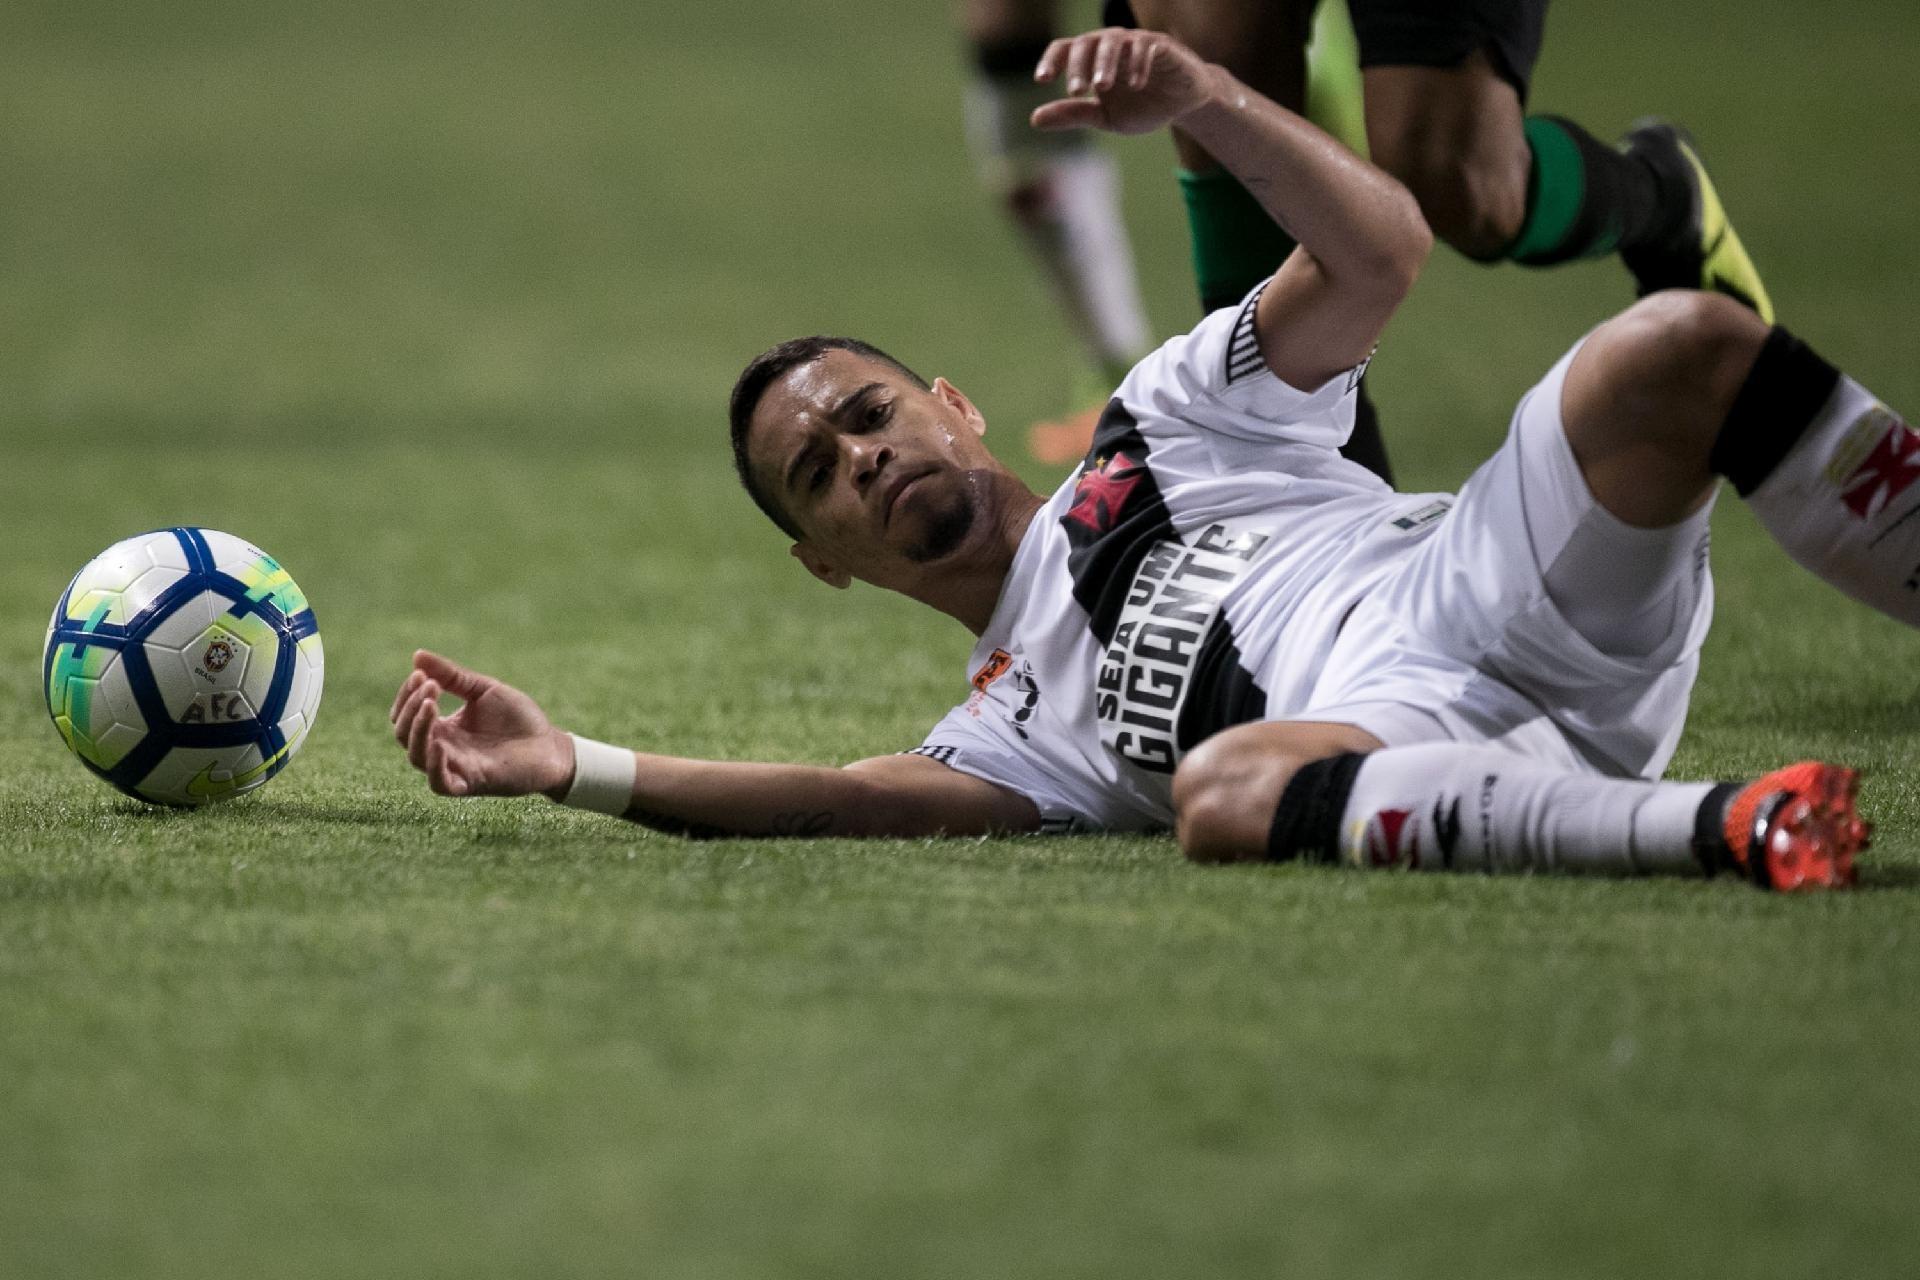 """Sem """"malandragem"""" Vasco deixa escapar 5 pontos nos minutos finais 27 05 2019 UOL Esporte"""